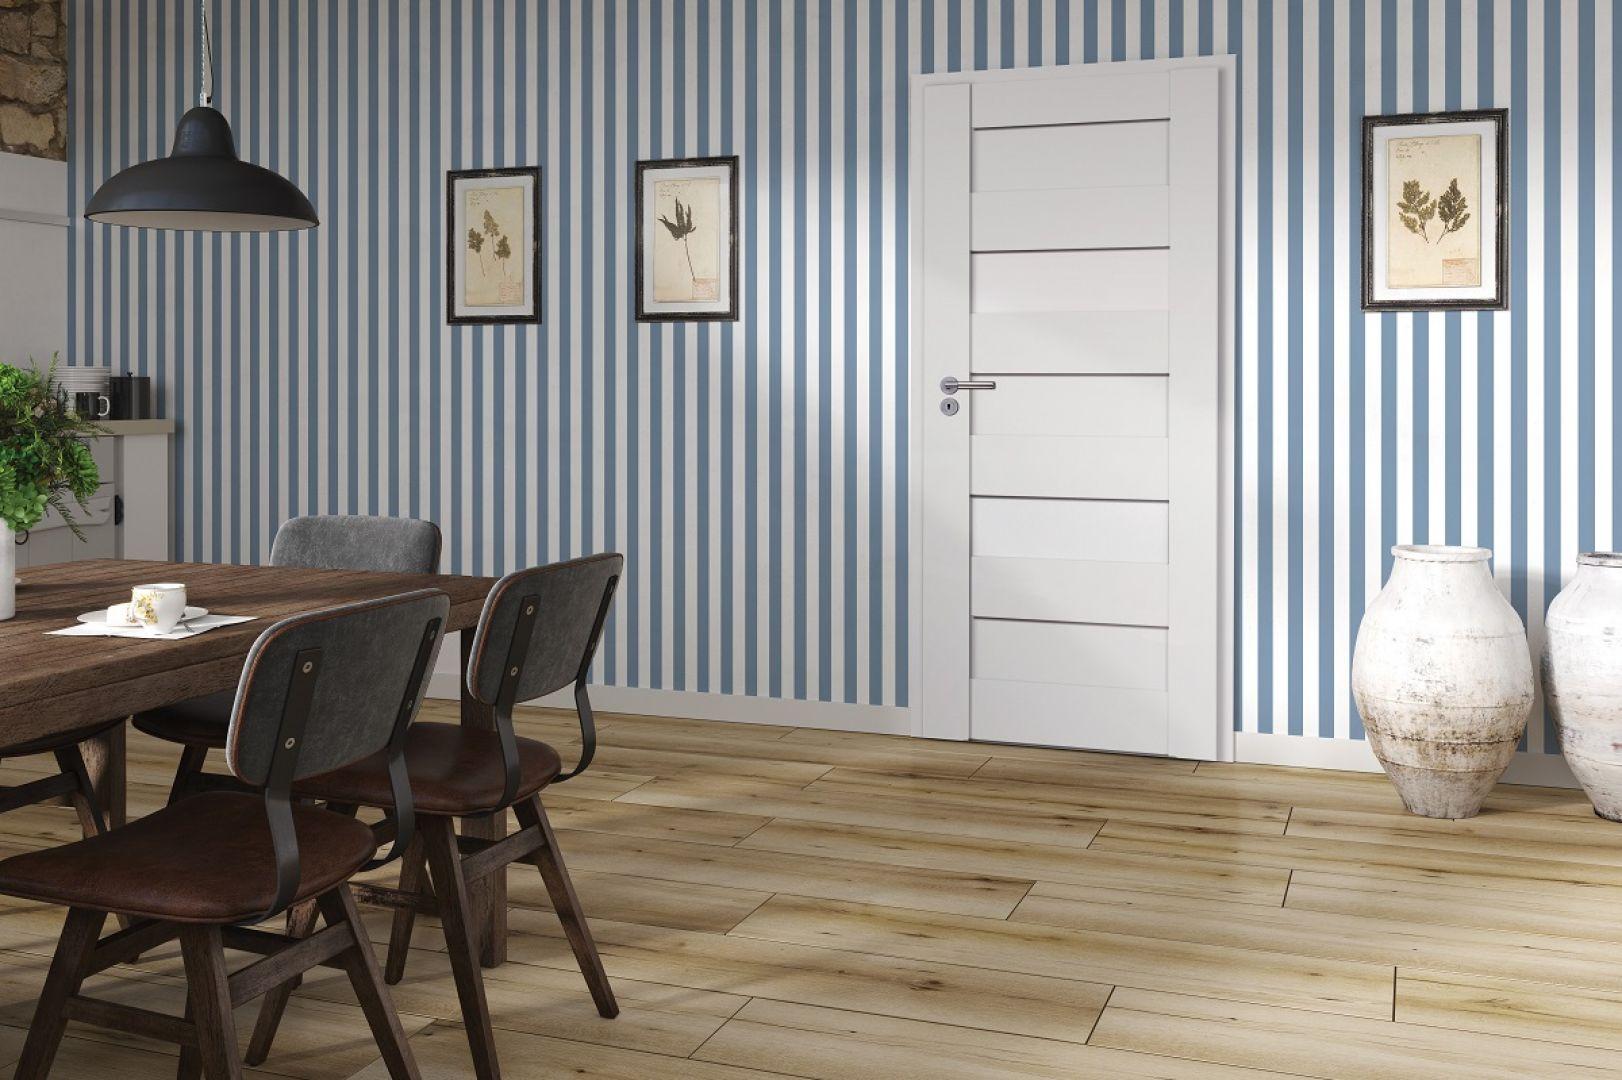 Biało niebieskie pasy to jedne z głównych wyznaczników stylu marynarskiego. Na zdjęciu drzwi Havana Biały Mat od RuckZuck